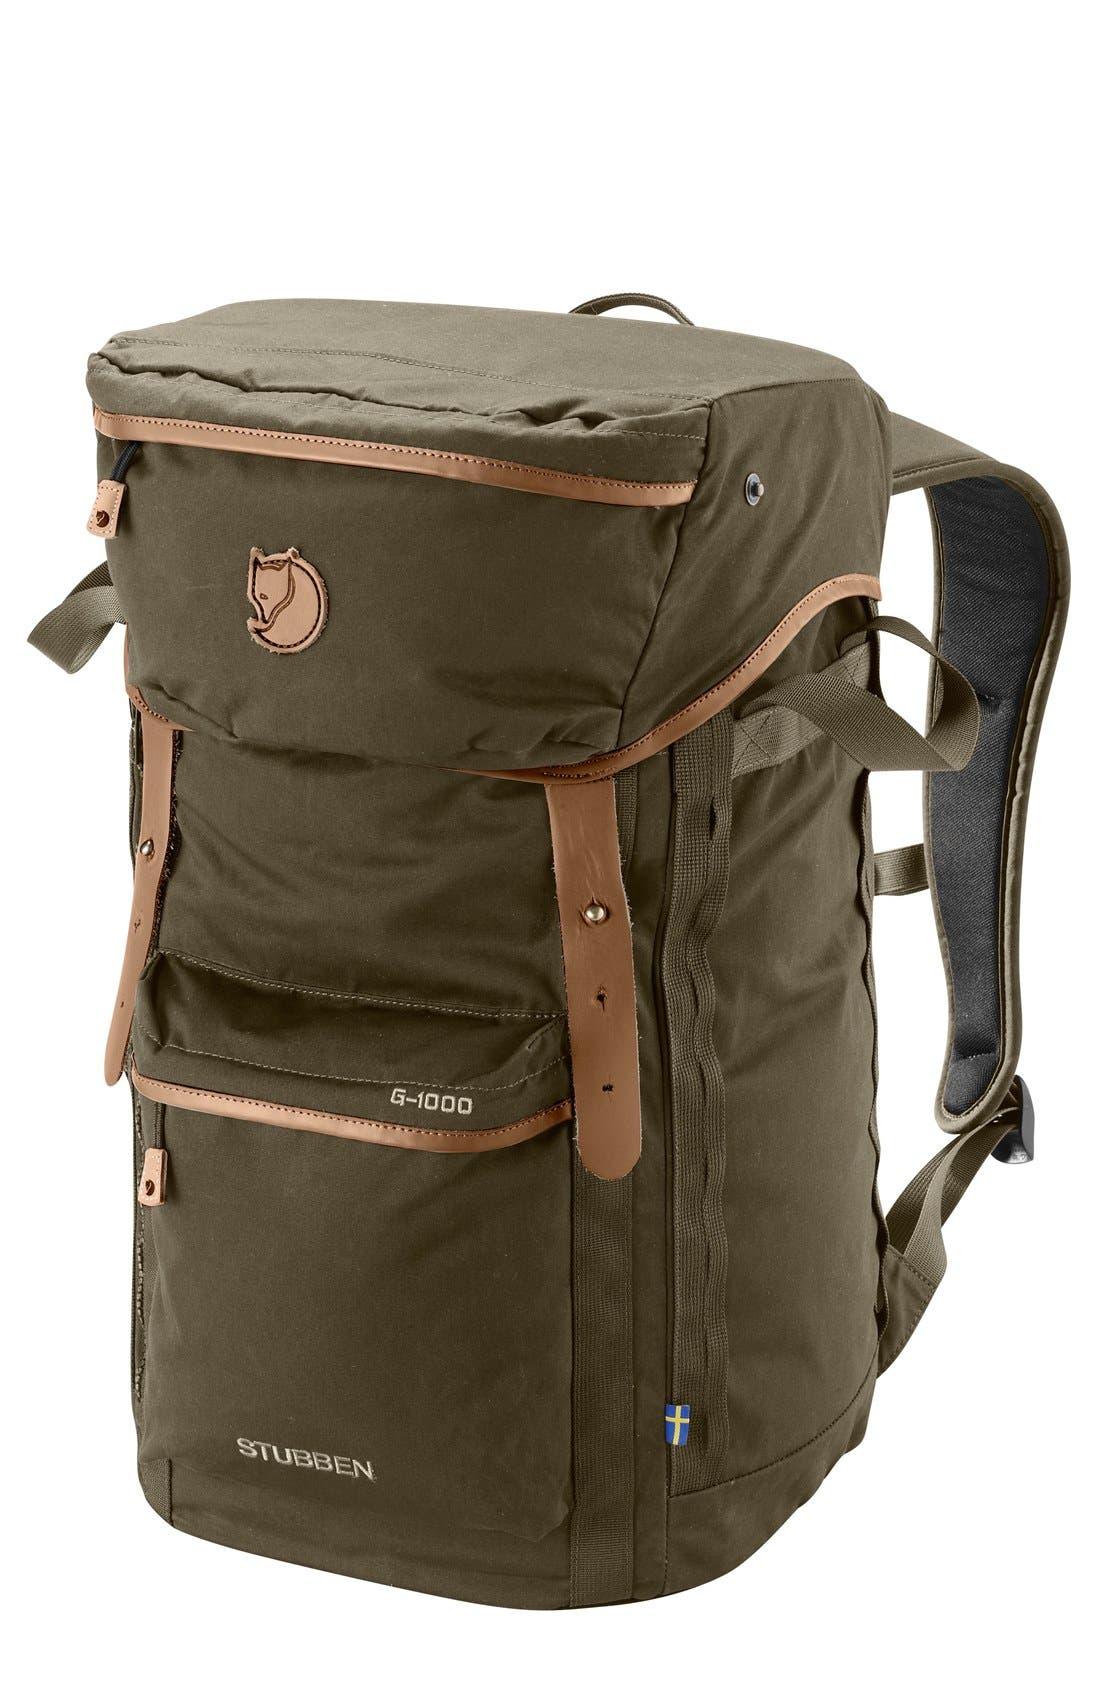 Fjällräven 'Stubben' Backpack